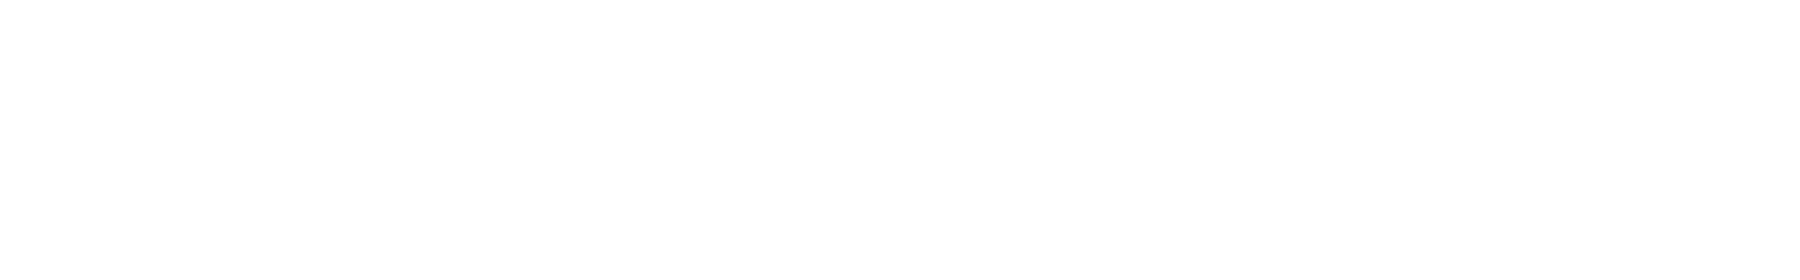 biab glitchhop glitch 2